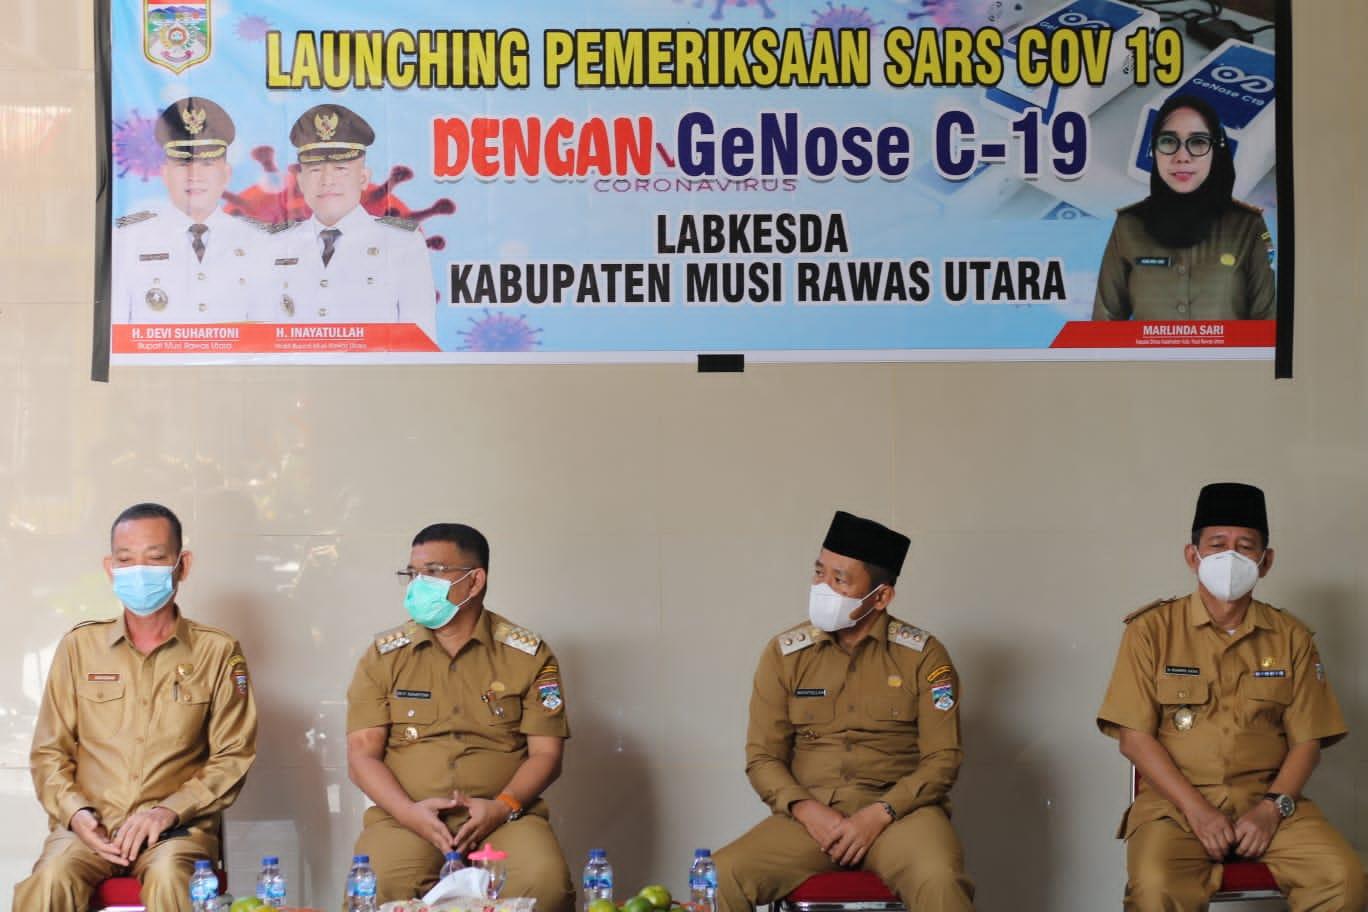 Muratara Launching Pemeriksaaan SARS COV 19 dengan GeNose